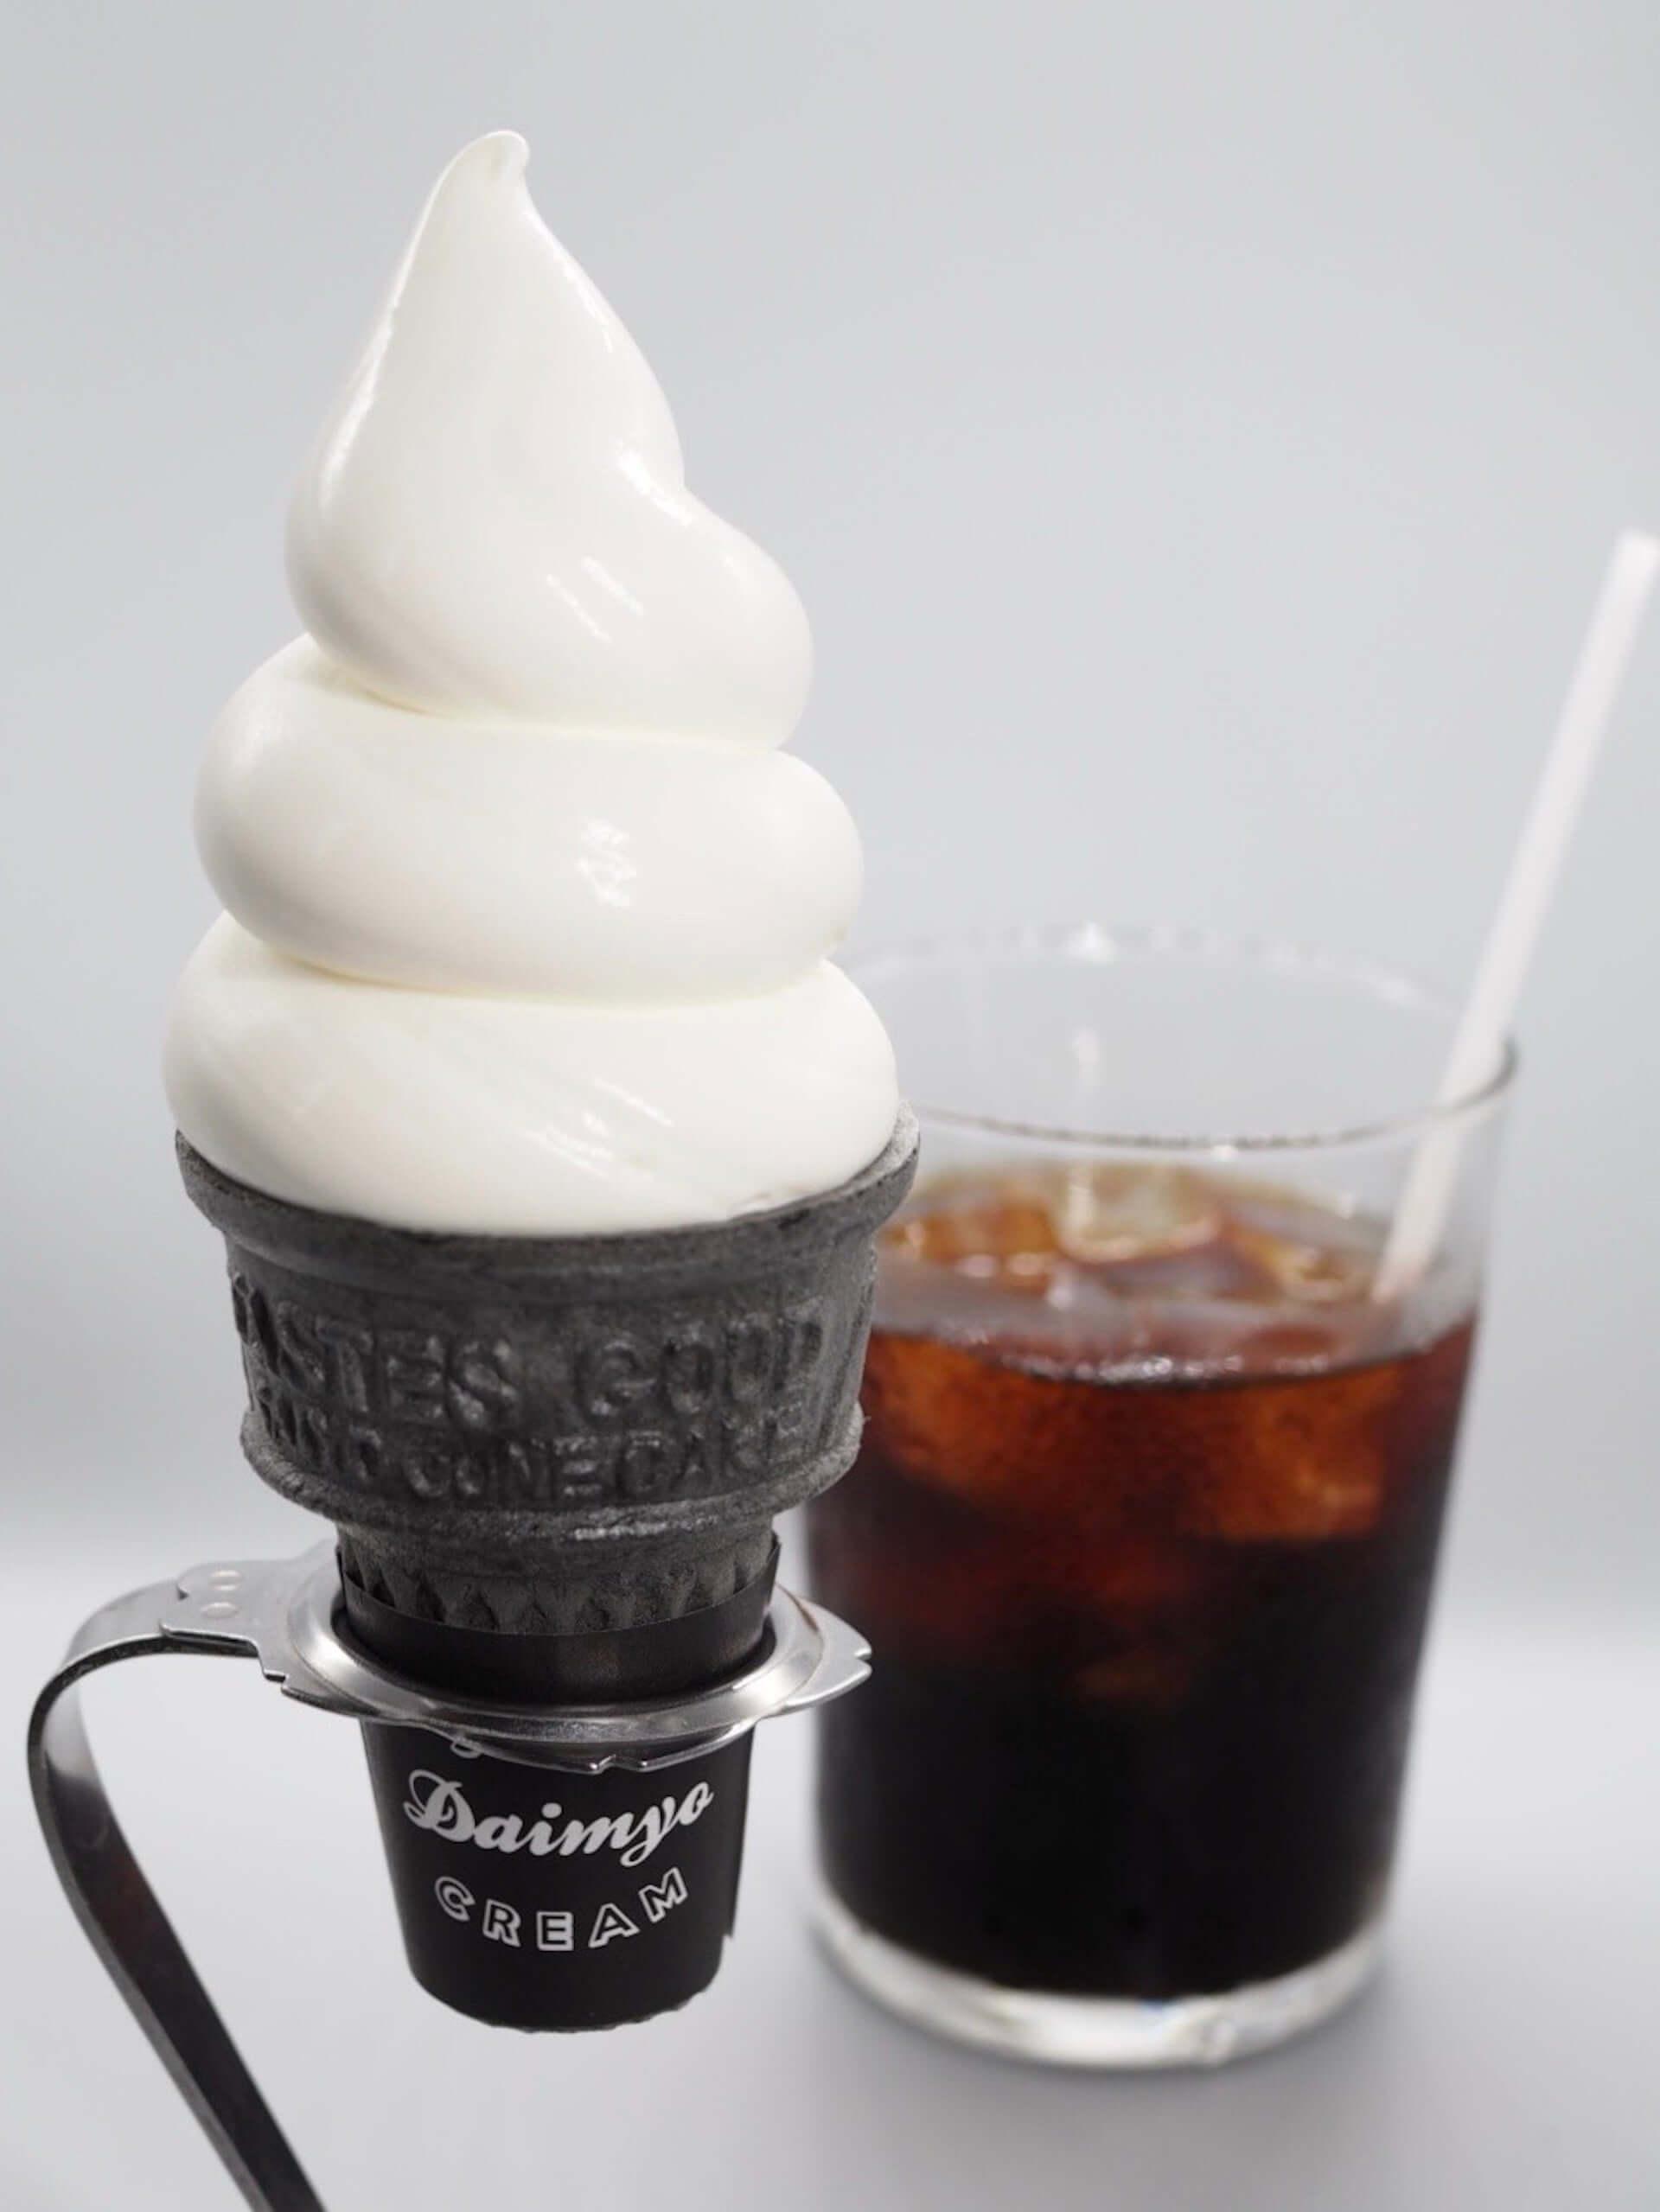 「MIYASHITA CAFE」オープン記念第1弾!ダイミョウソフトクリームに夏季限定フレーバー『トロピカルマンゴー』が登場 gourmet2000820_tropicalmango-miyashitacafe_3-1920x2559